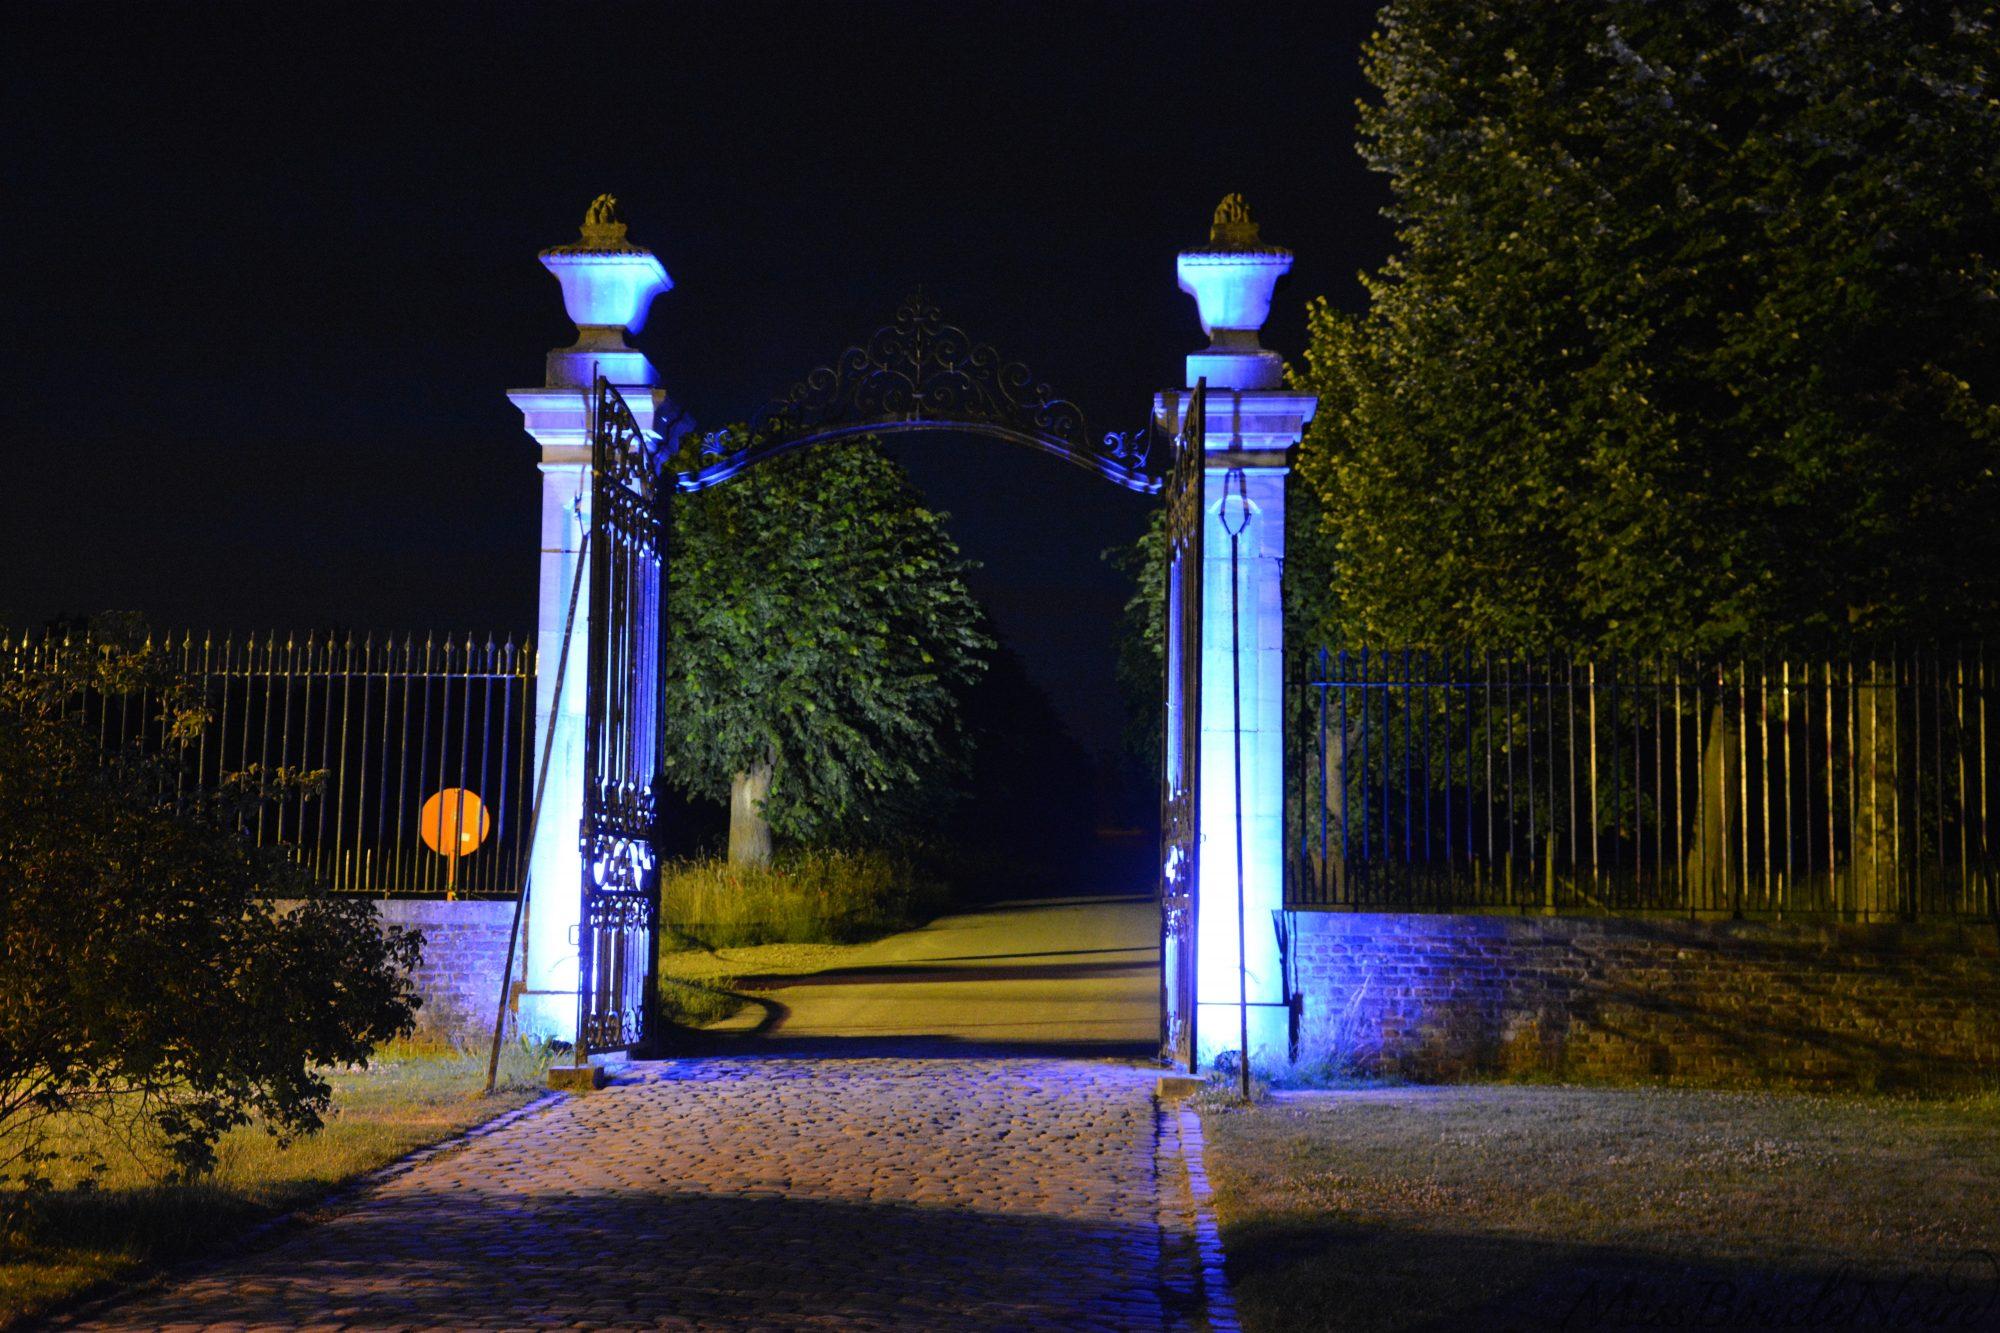 La porte avec un éclairage poétique et enchateur pour sortir dans les jardins arrières du château...